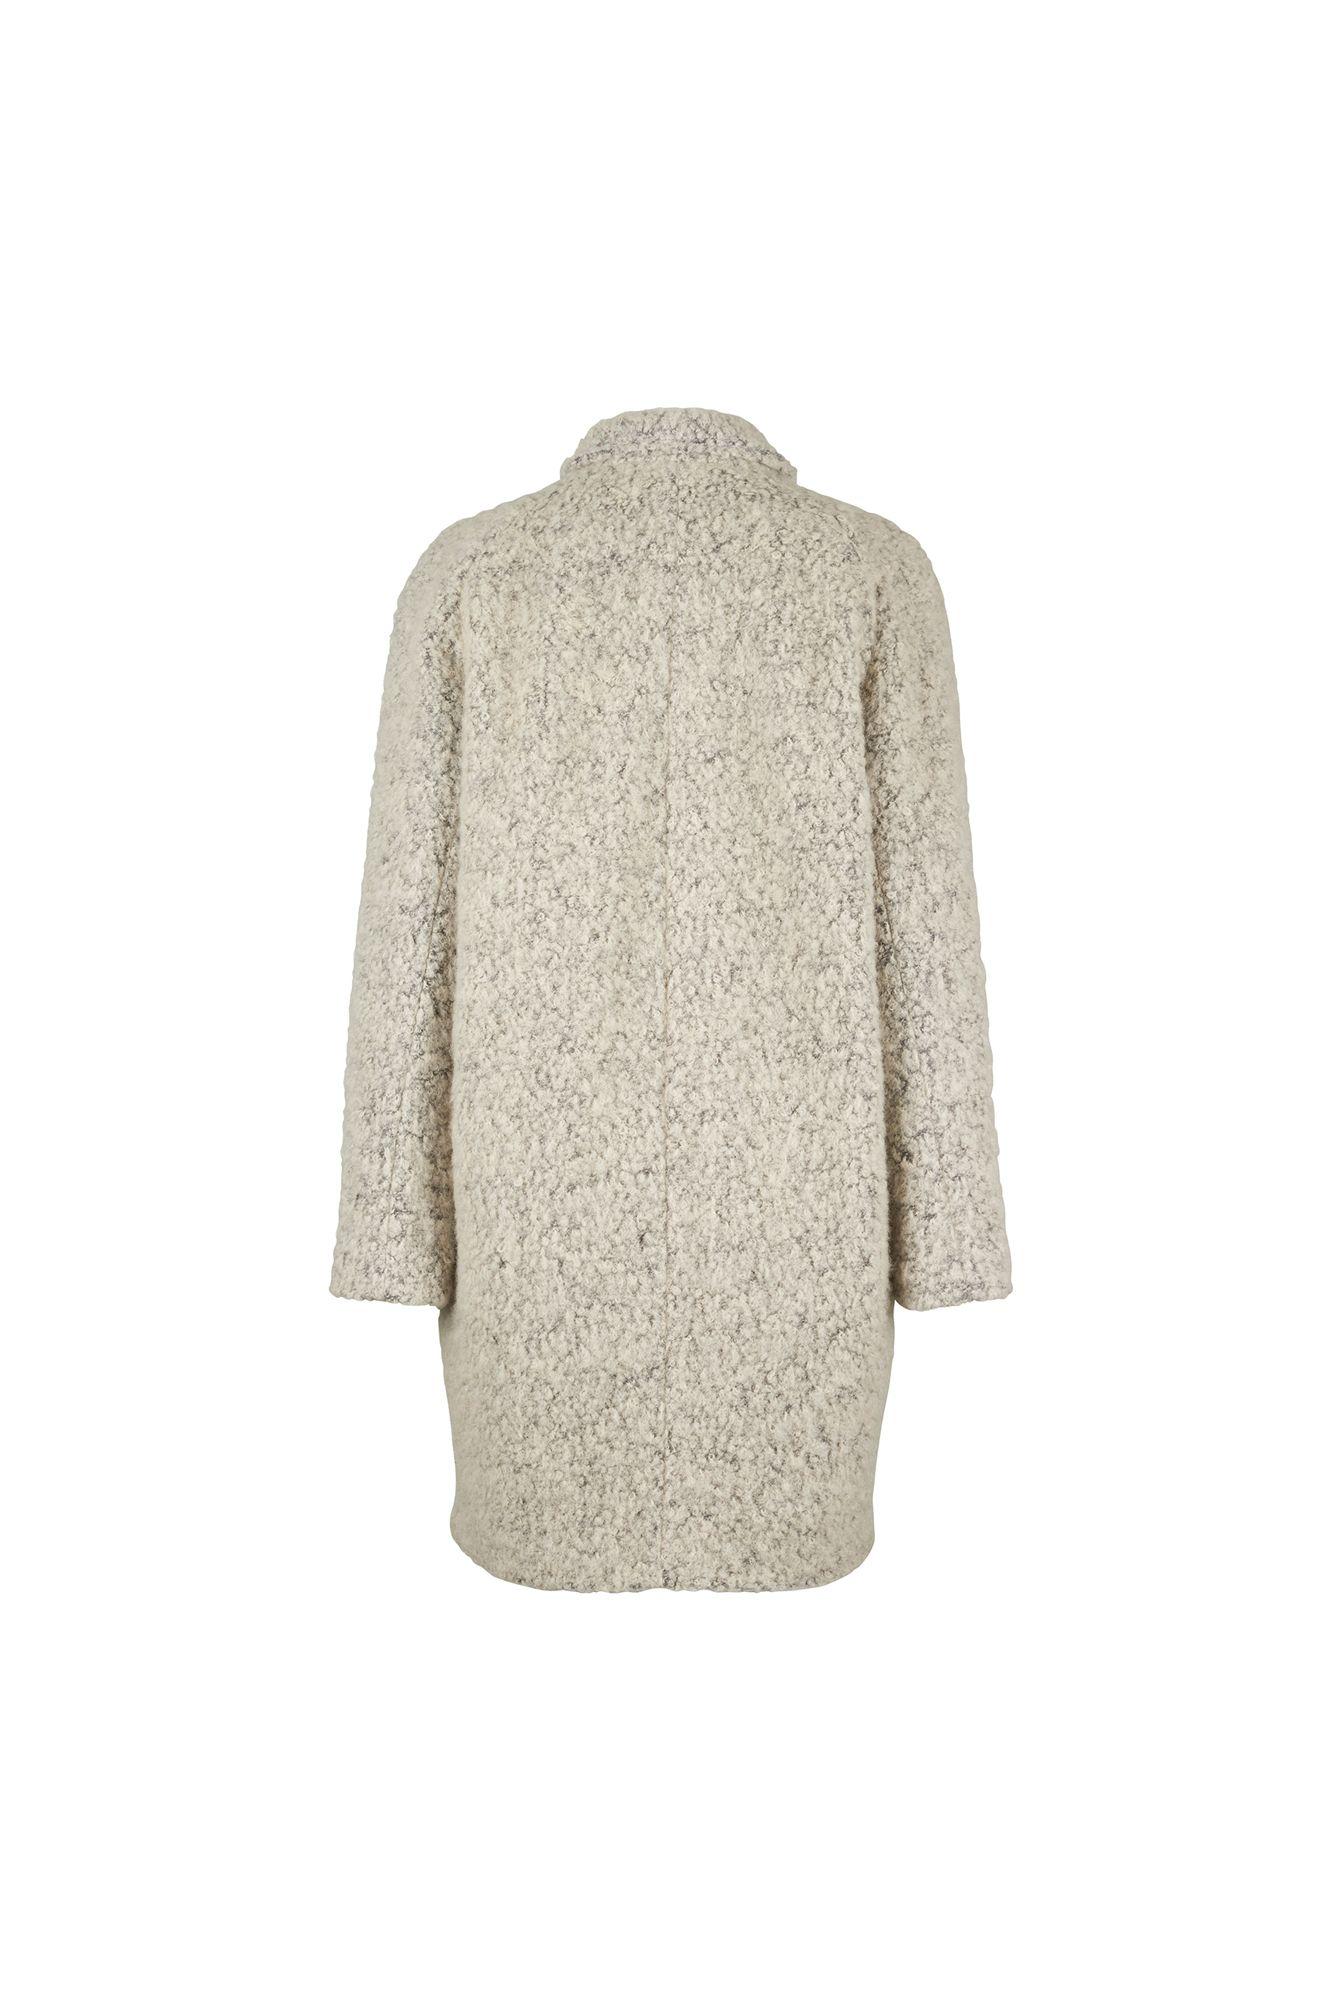 Hoff jacket 6182 - 3